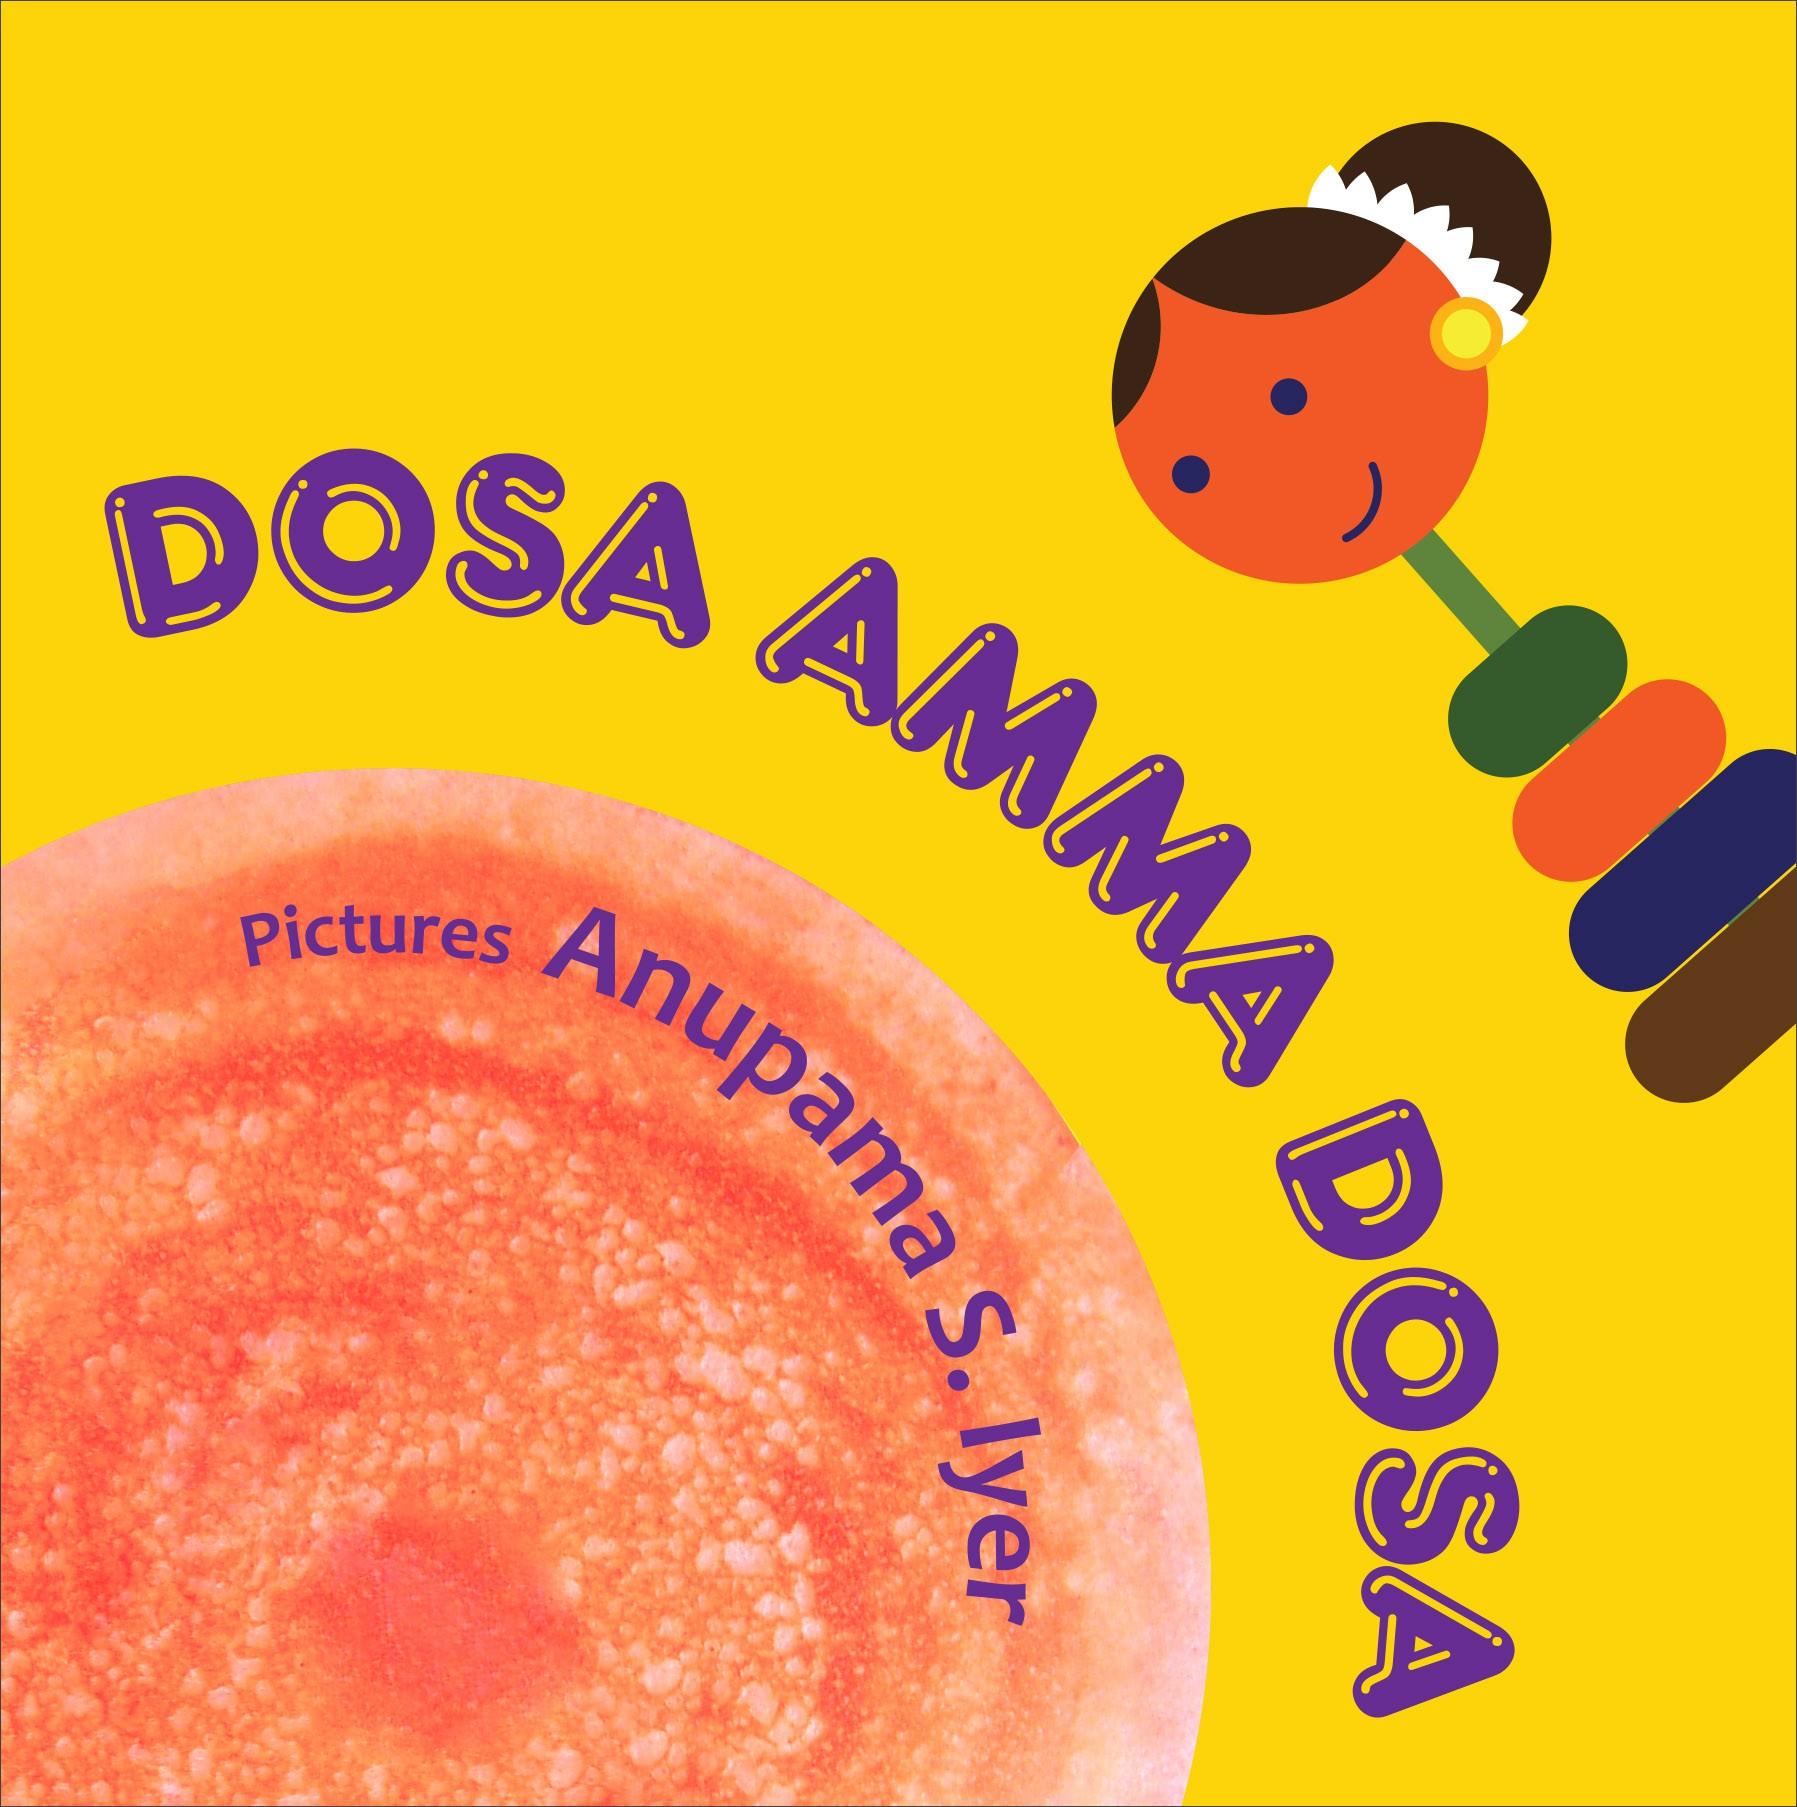 Dosa Amma Dosa